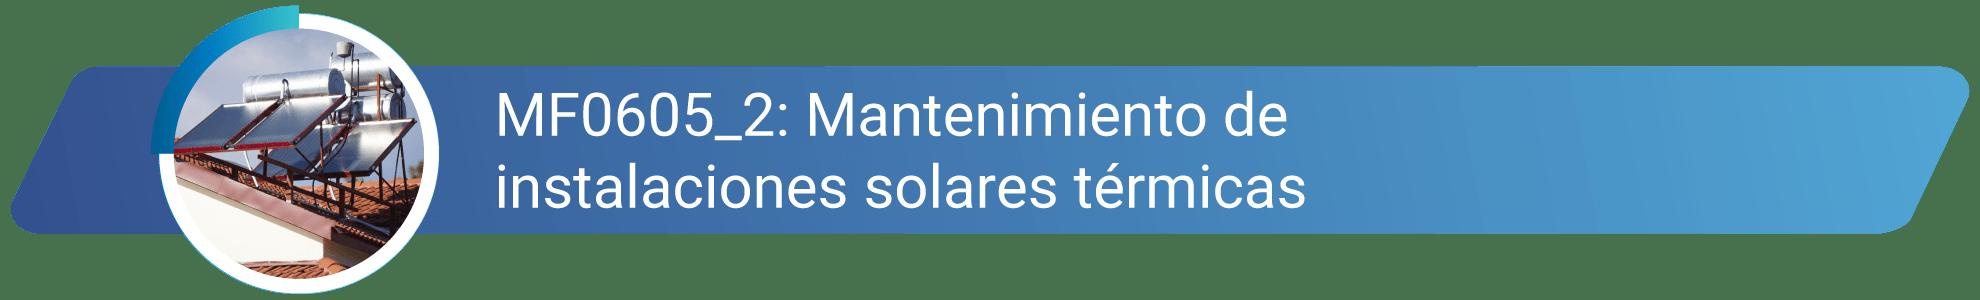 MF0605_2 - Mantenimiento de instalaciones solares térmicas